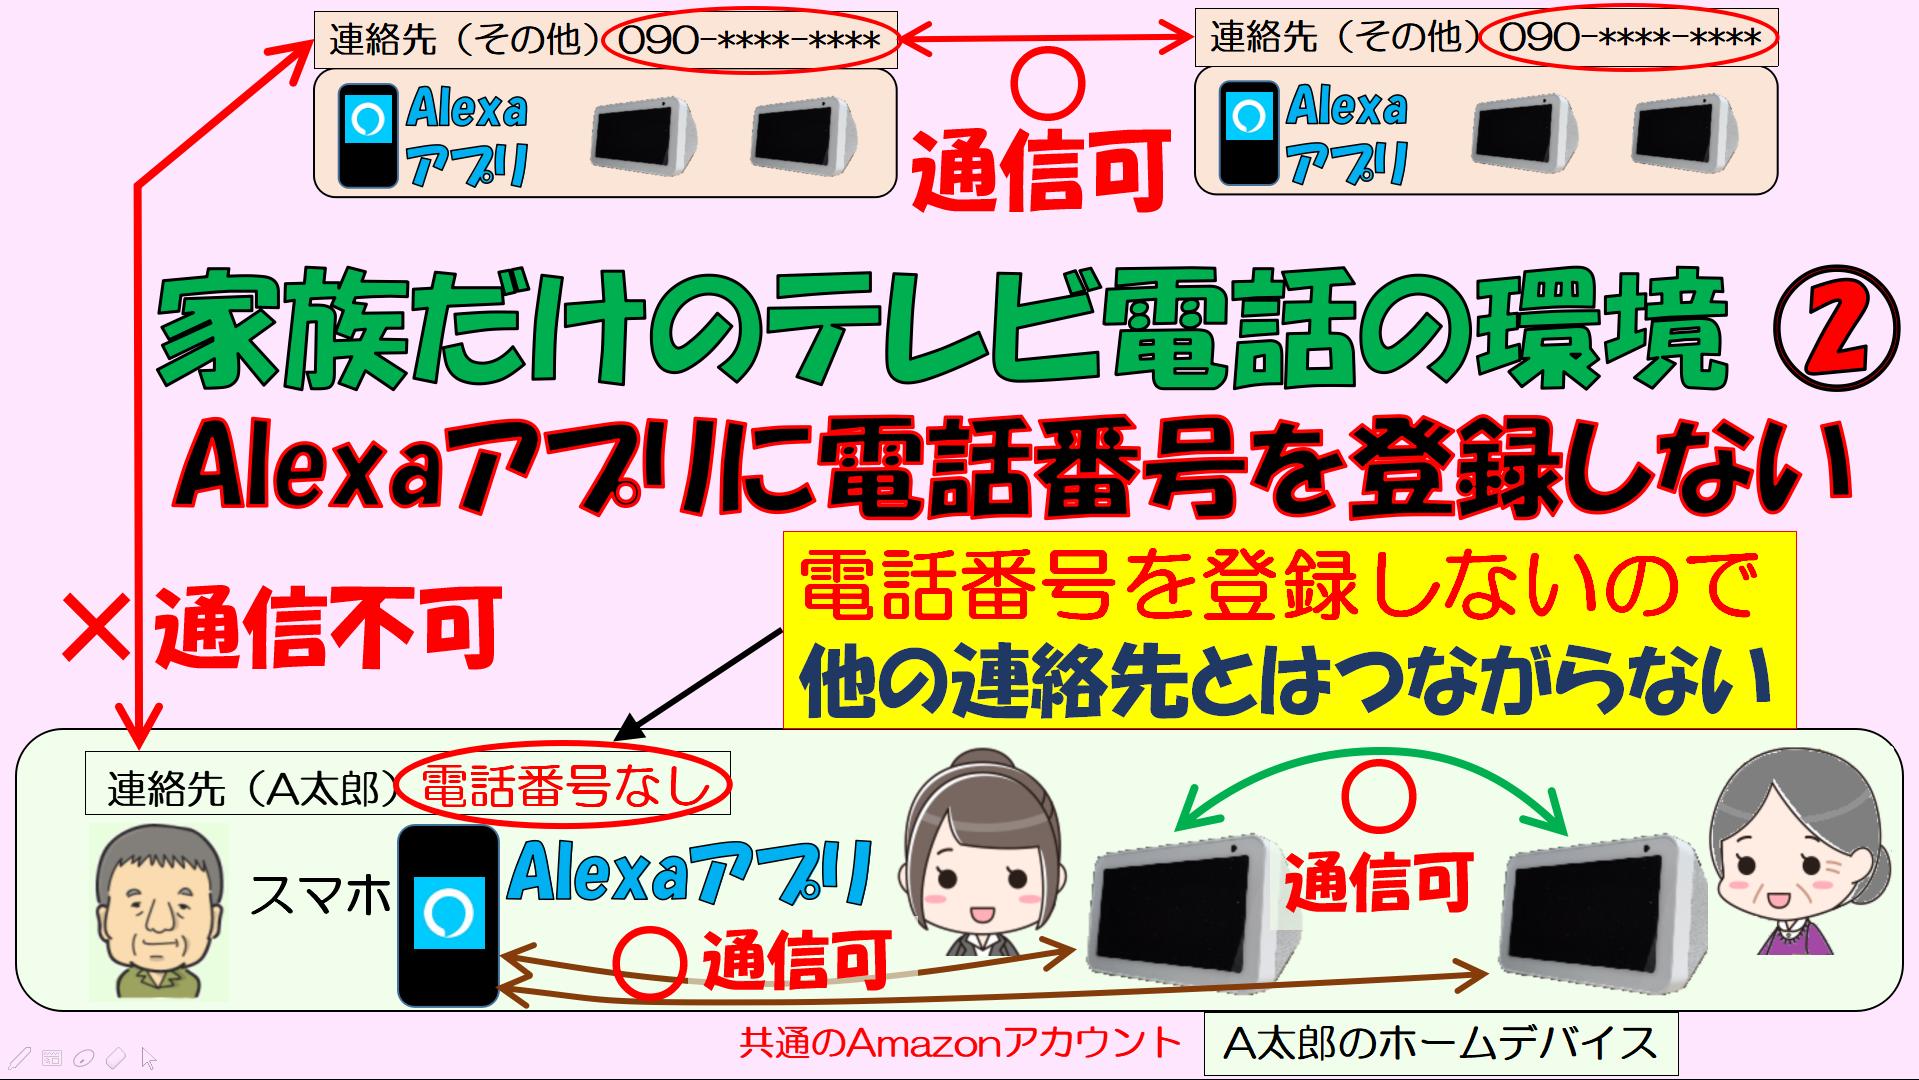 アイキャッチ_Alexaアプリに電話番号を登録しないでテレビ電話をする方法